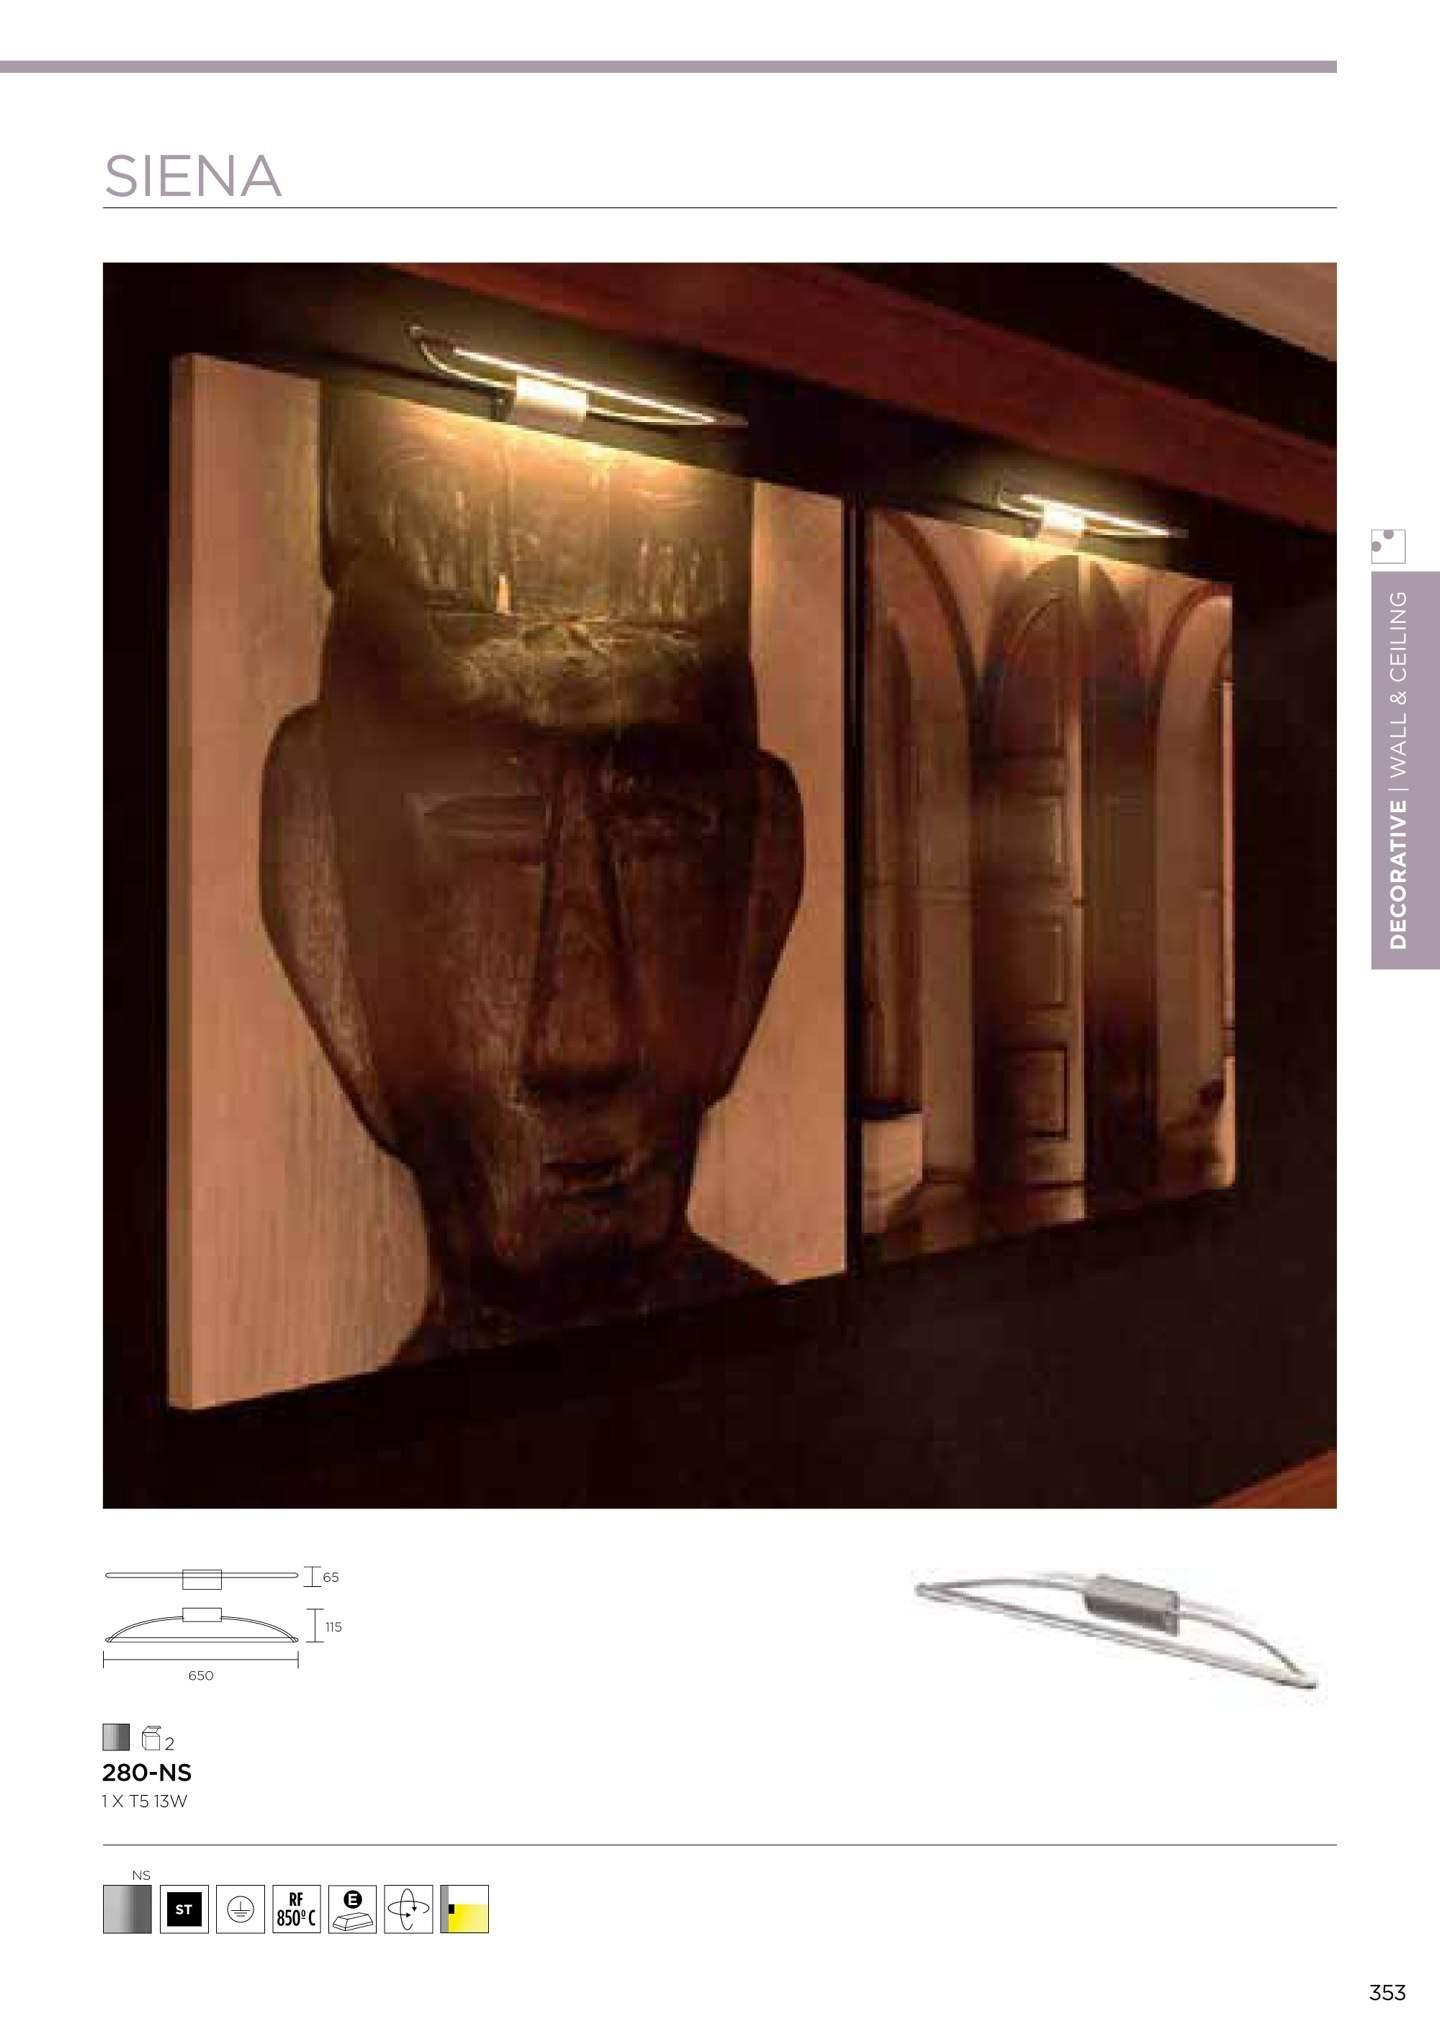 Siena Wall Lamp Lights pictures 65cm T5 13w 2700K - Níquel Satin La Creu Image